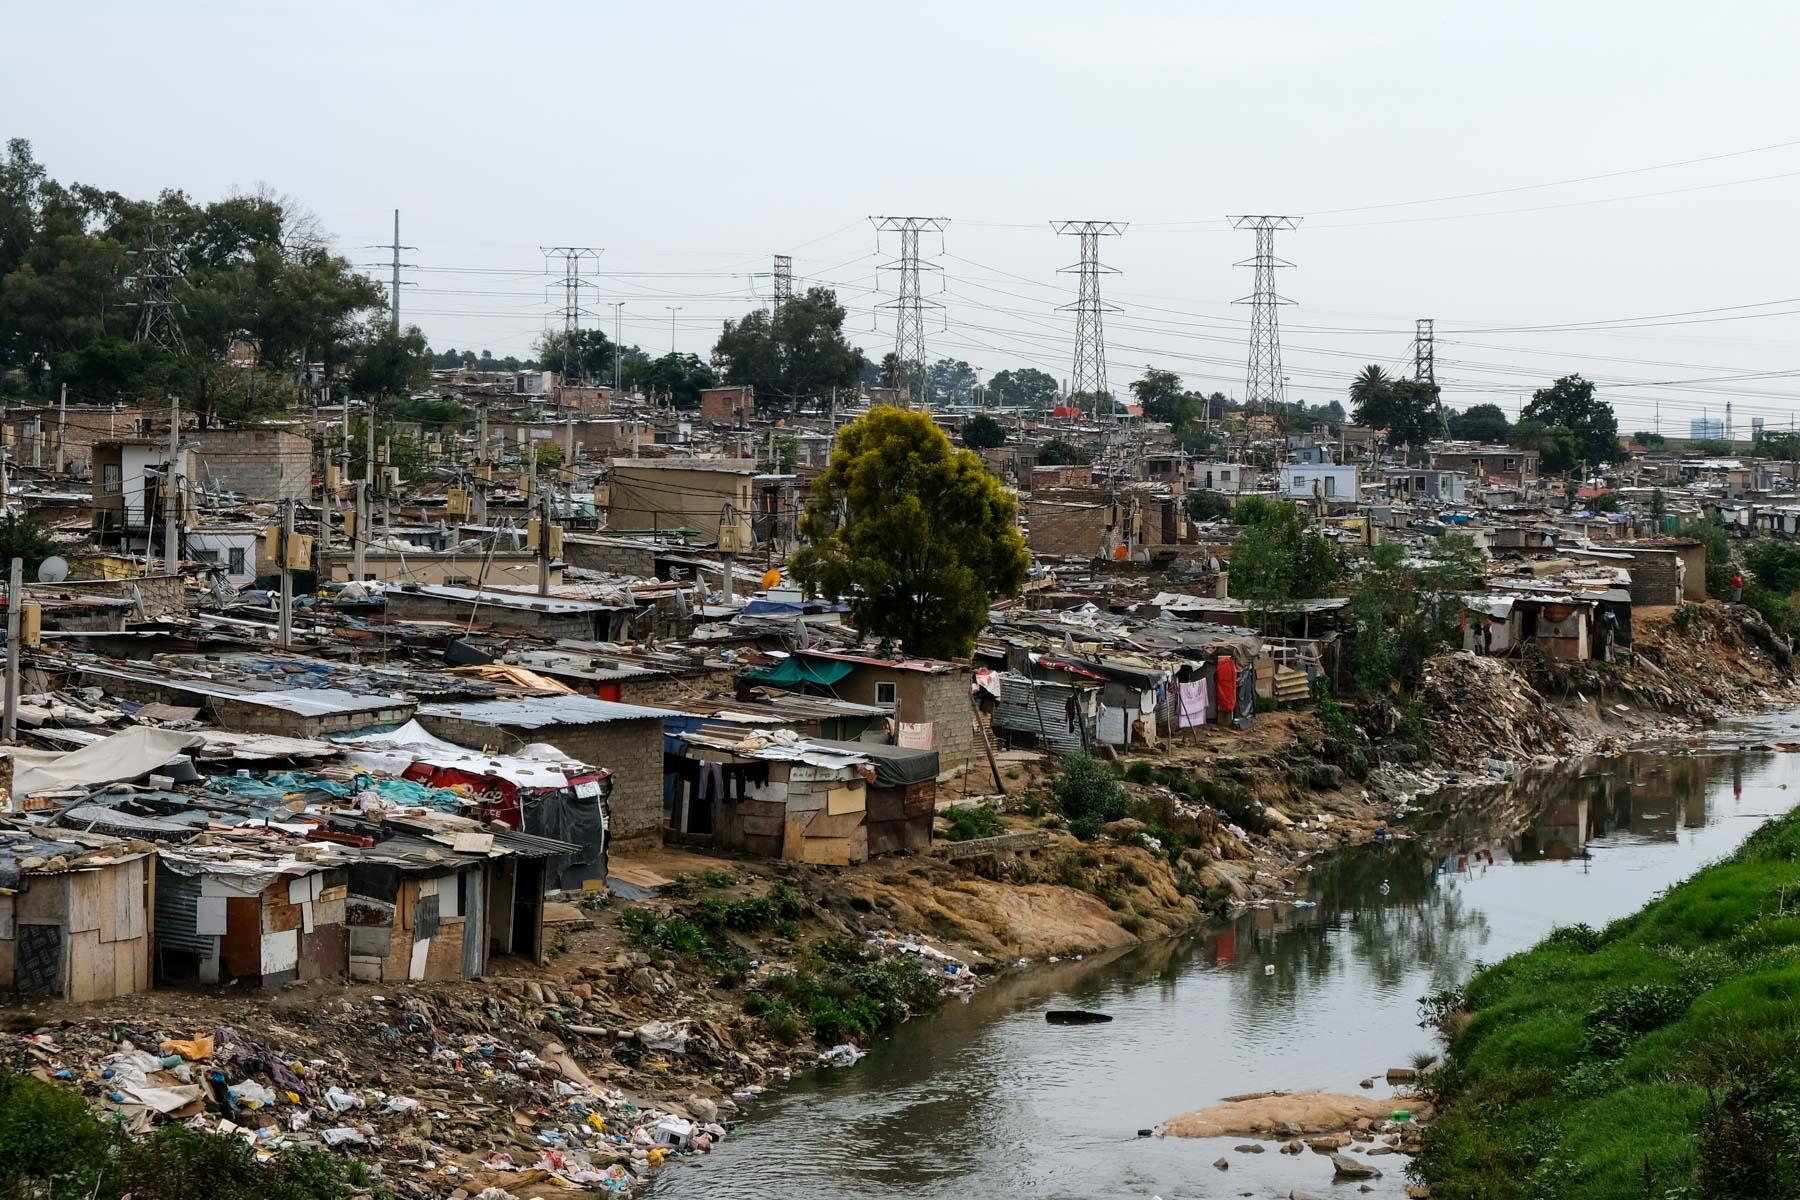 1 April 2020: The Stjwetla shack settlement on the banks of the Jukskei River.